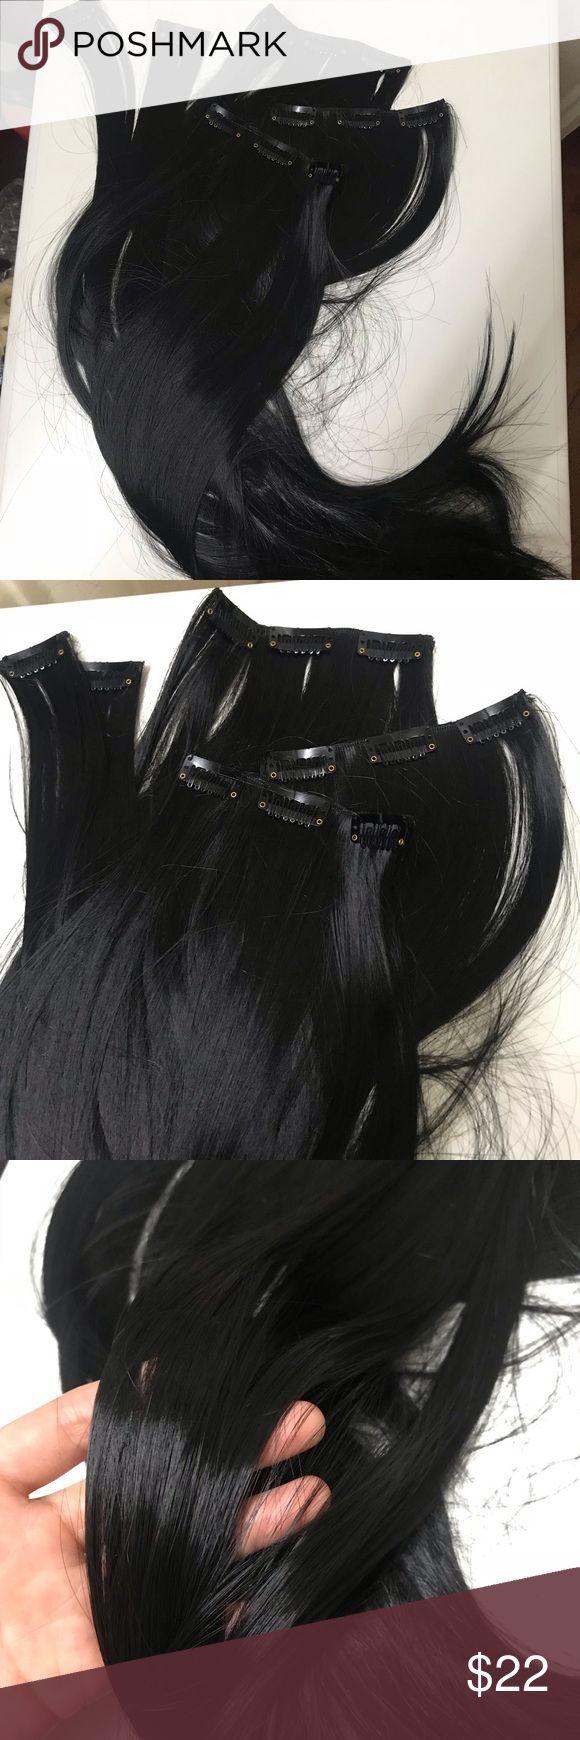 """26 """"11 Clips Haarverlängerungsclip in Der Preis ist fest. Es ist in Japan hergestellt, n ..."""